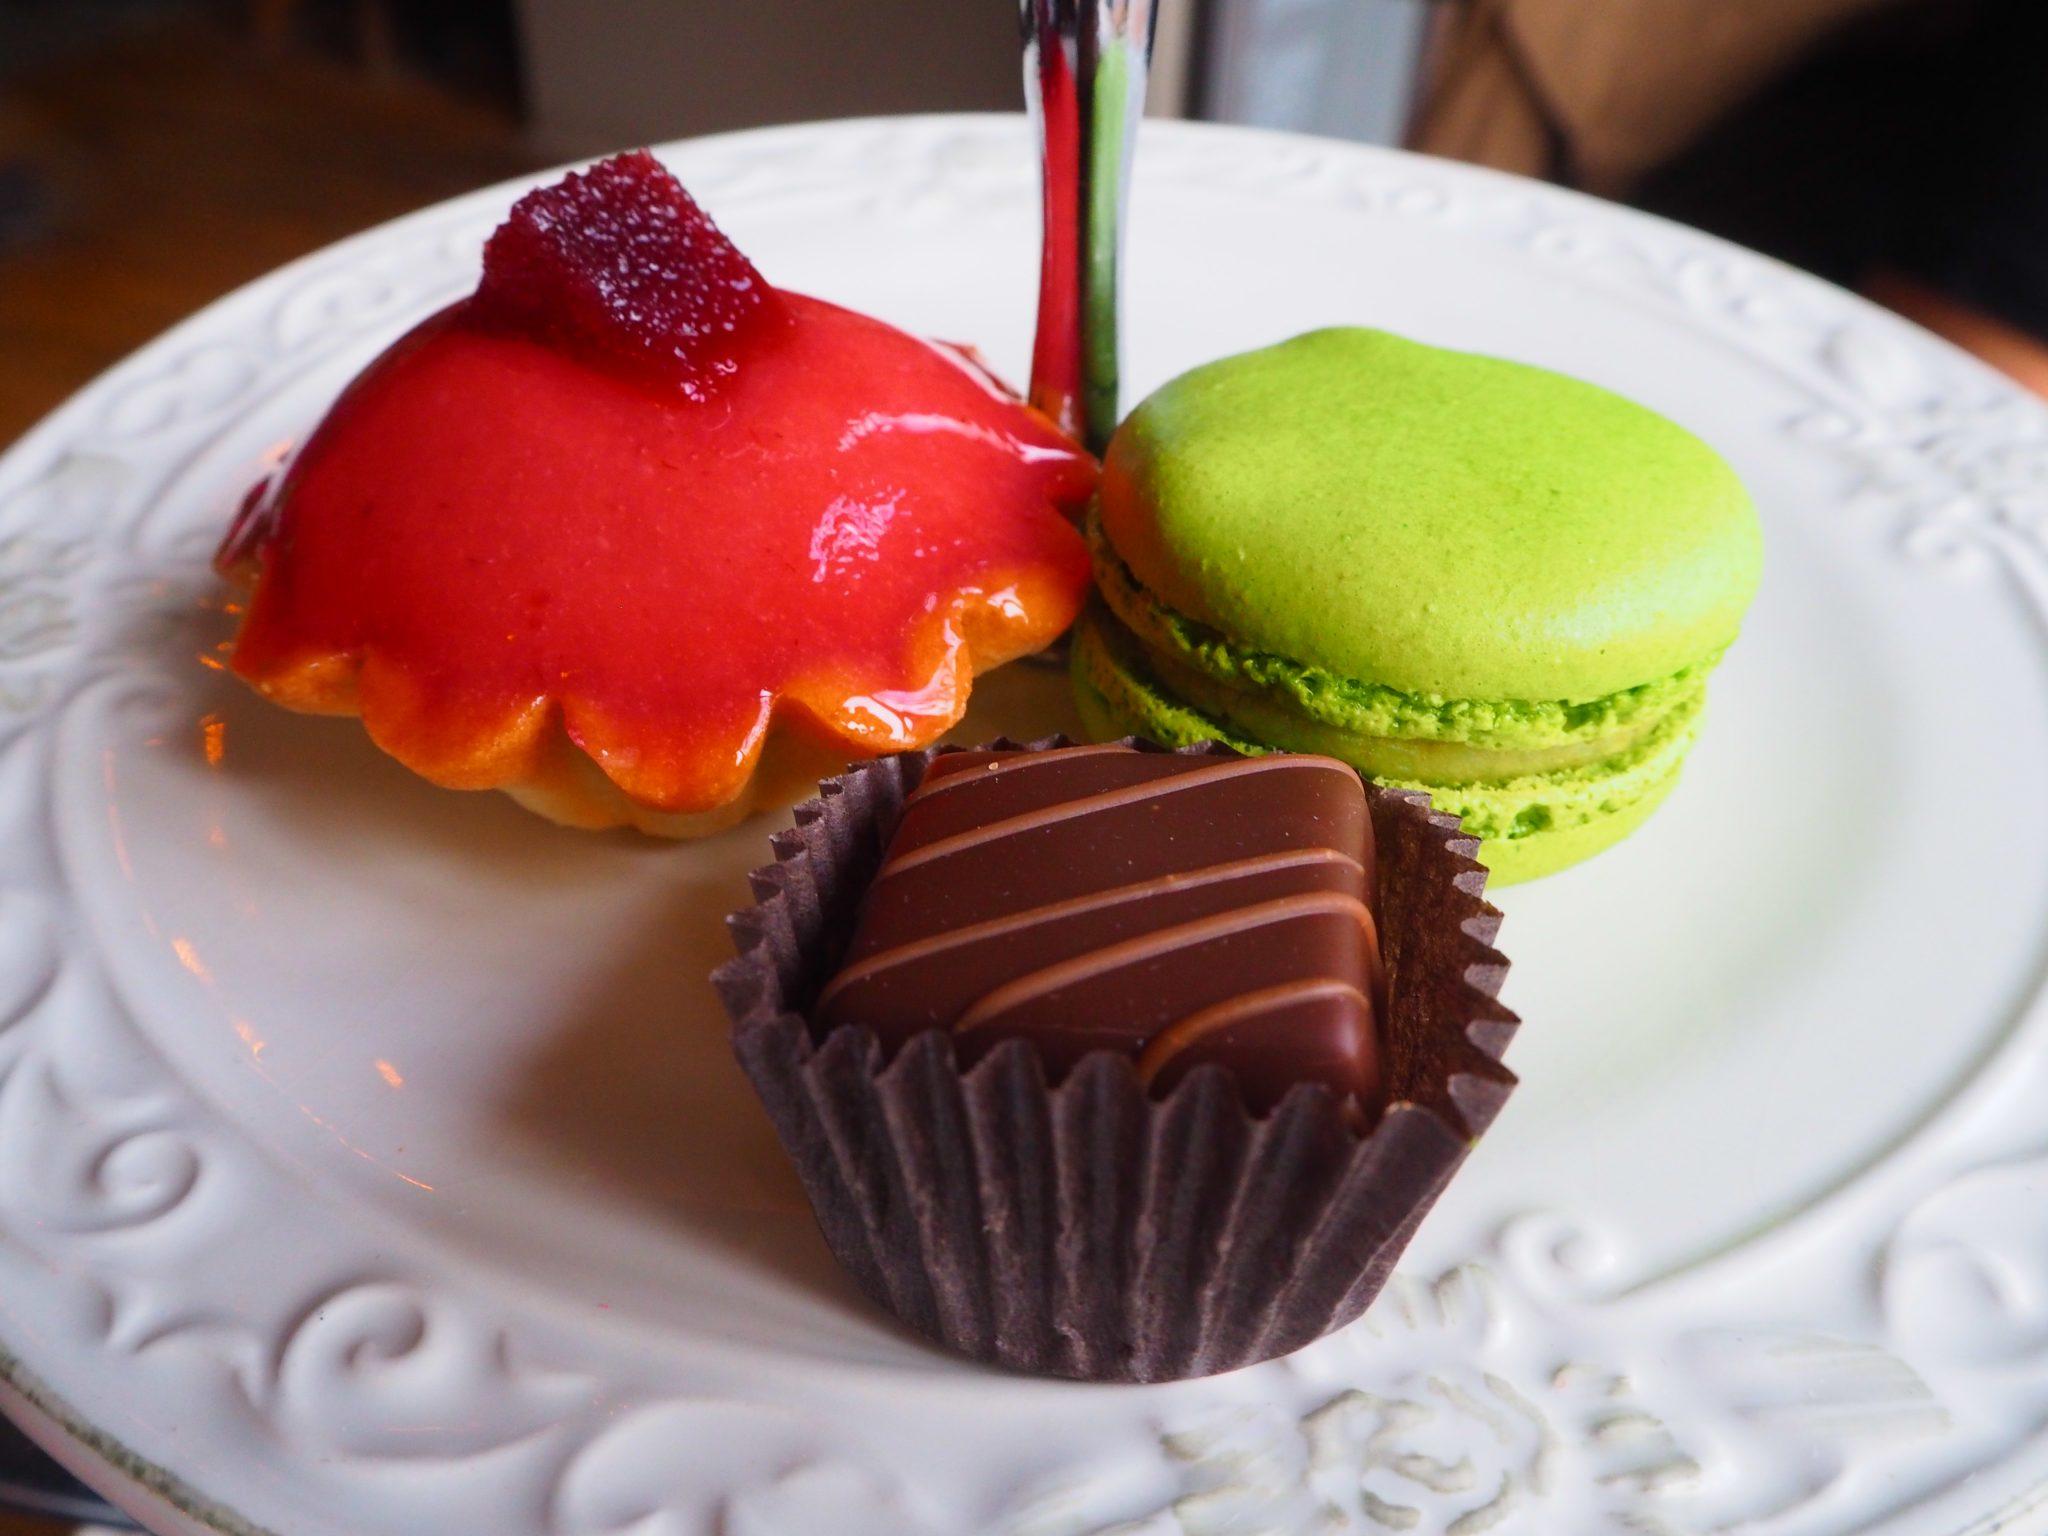 Tha Cakes & Sweets / Le Sucré - Afternoon Tea at Le Parloir tea room / Afternoon Tea au Salon de Thé Le Parloir